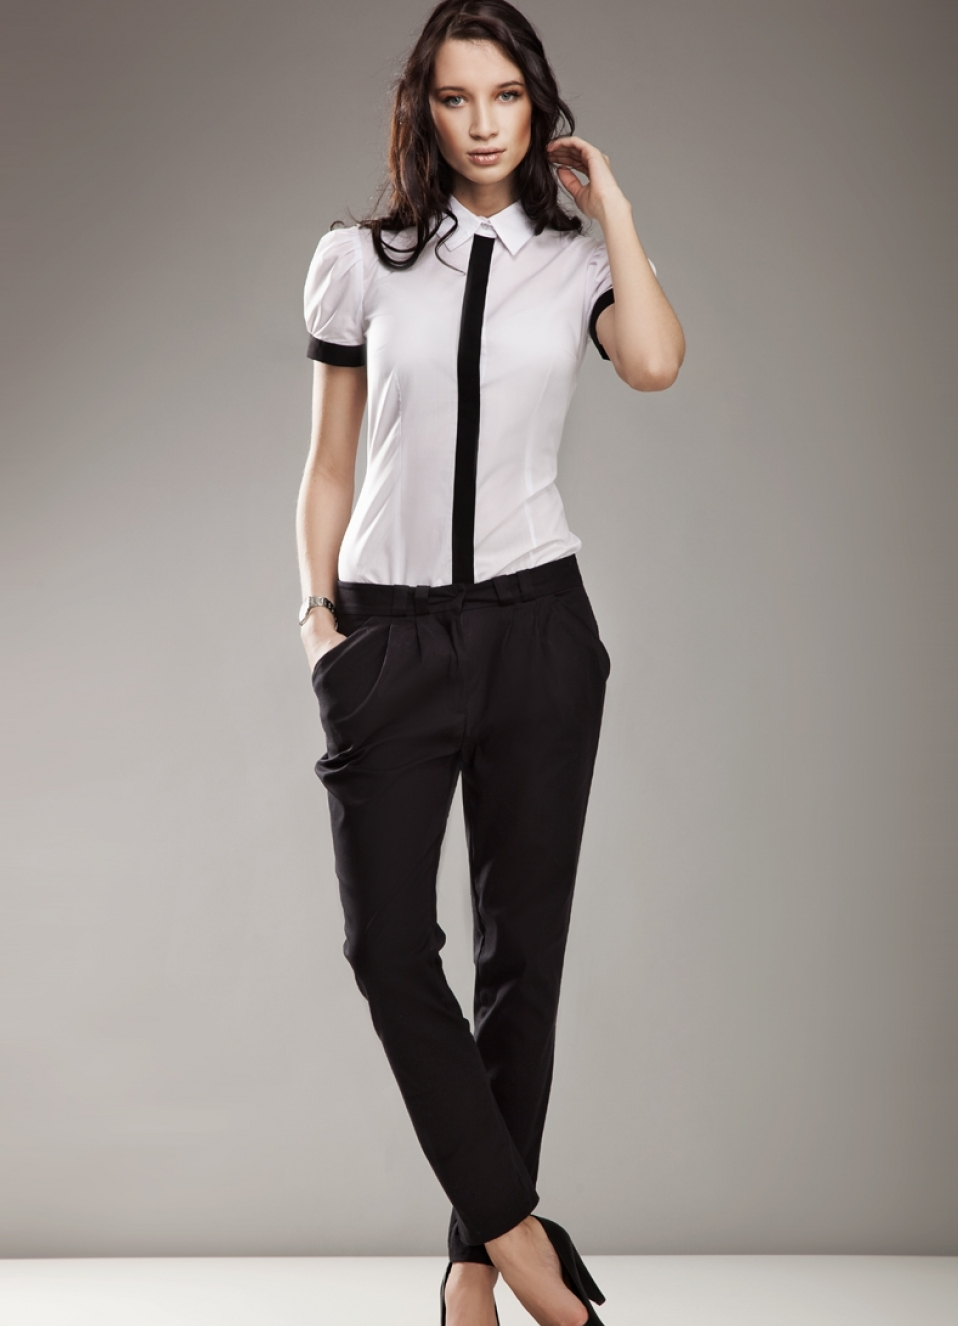 Стильный дресс код для женщин в офисе летом